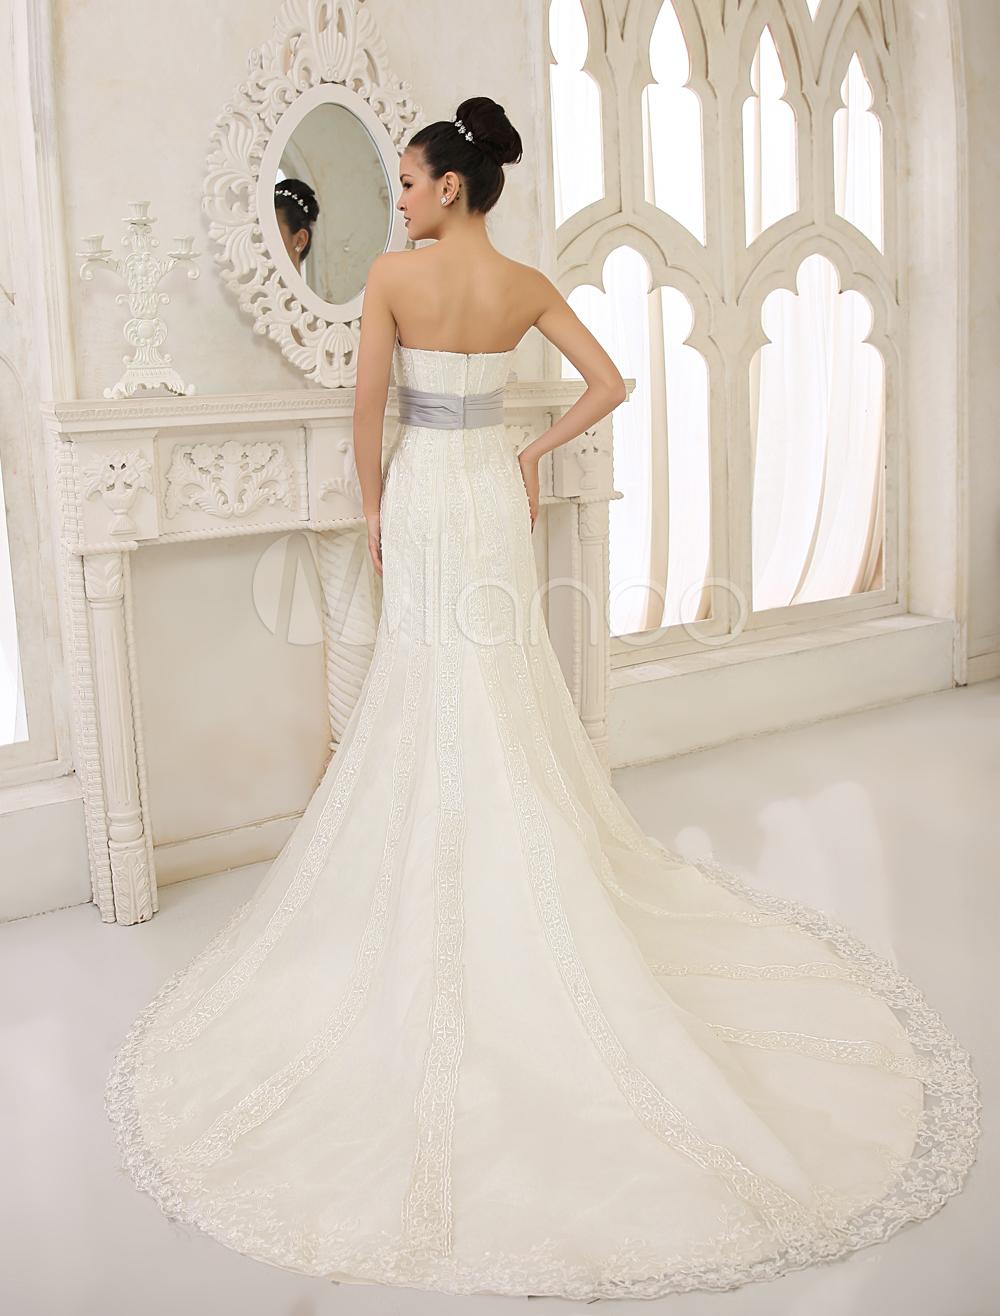 Robe de mariée fourreau de réception en satin ivoire avec strass bustier traîne courte